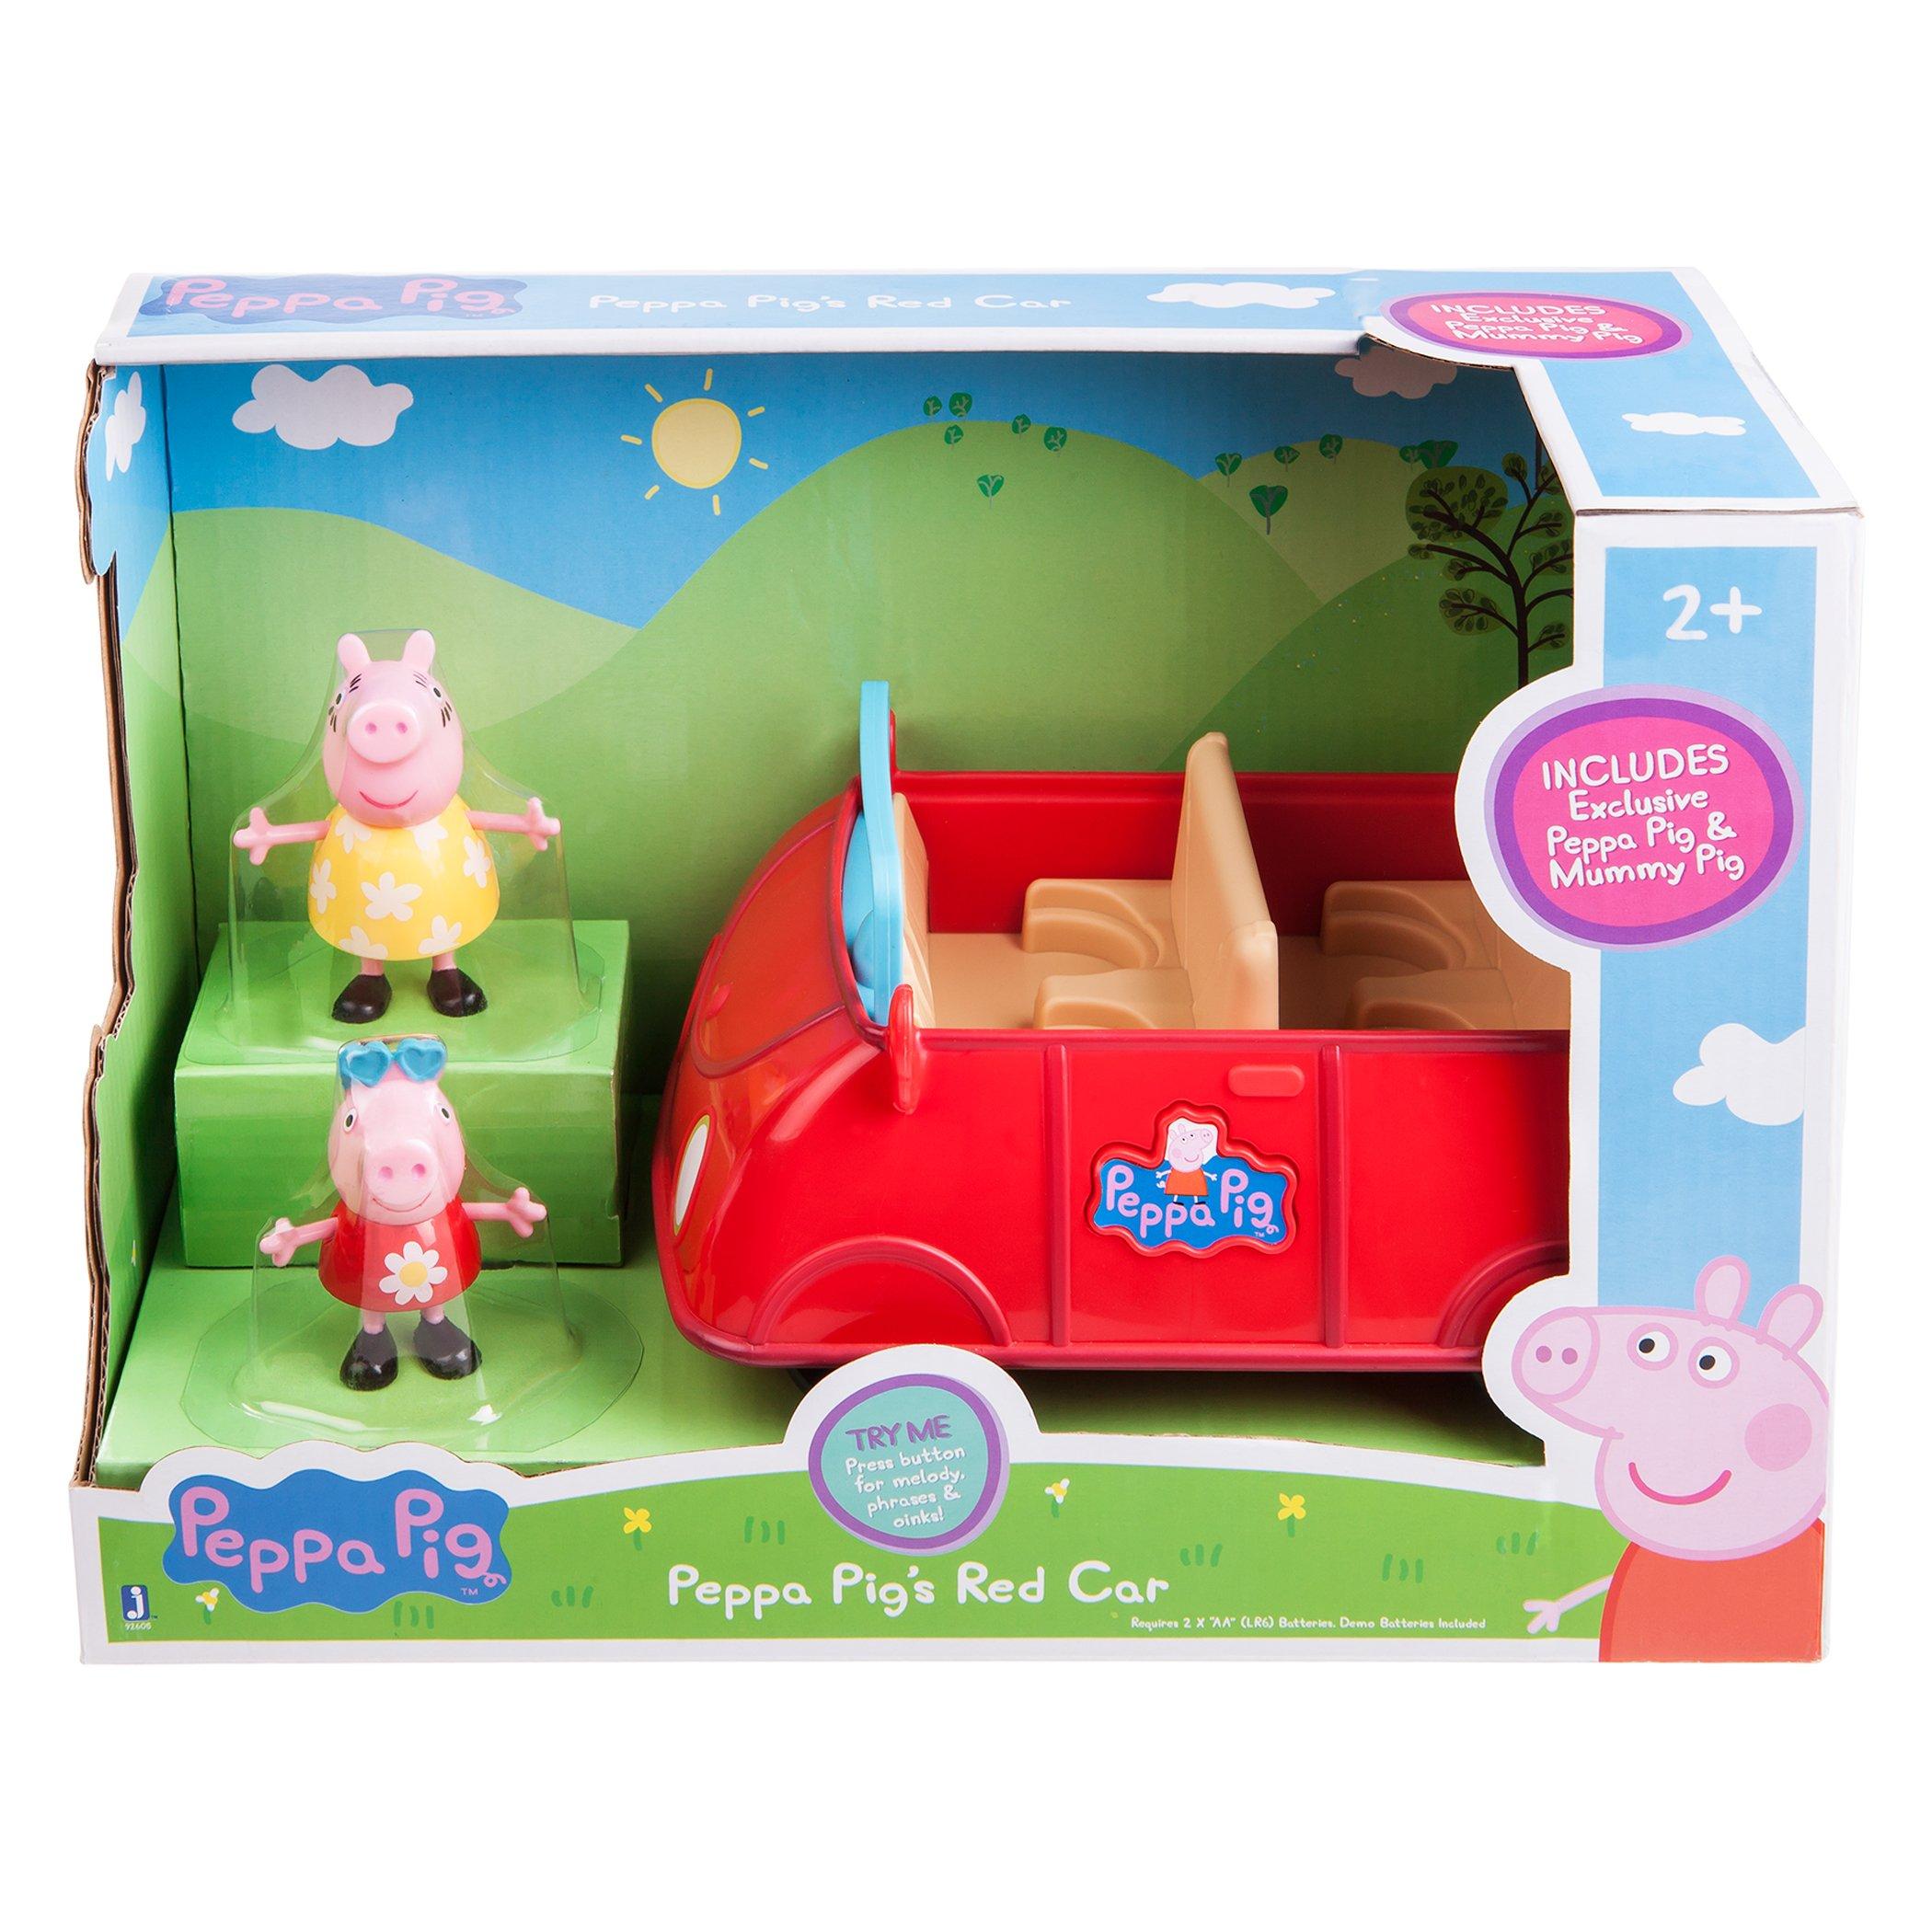 Peppa Pig Red Car by Peppa Pig (Image #3)